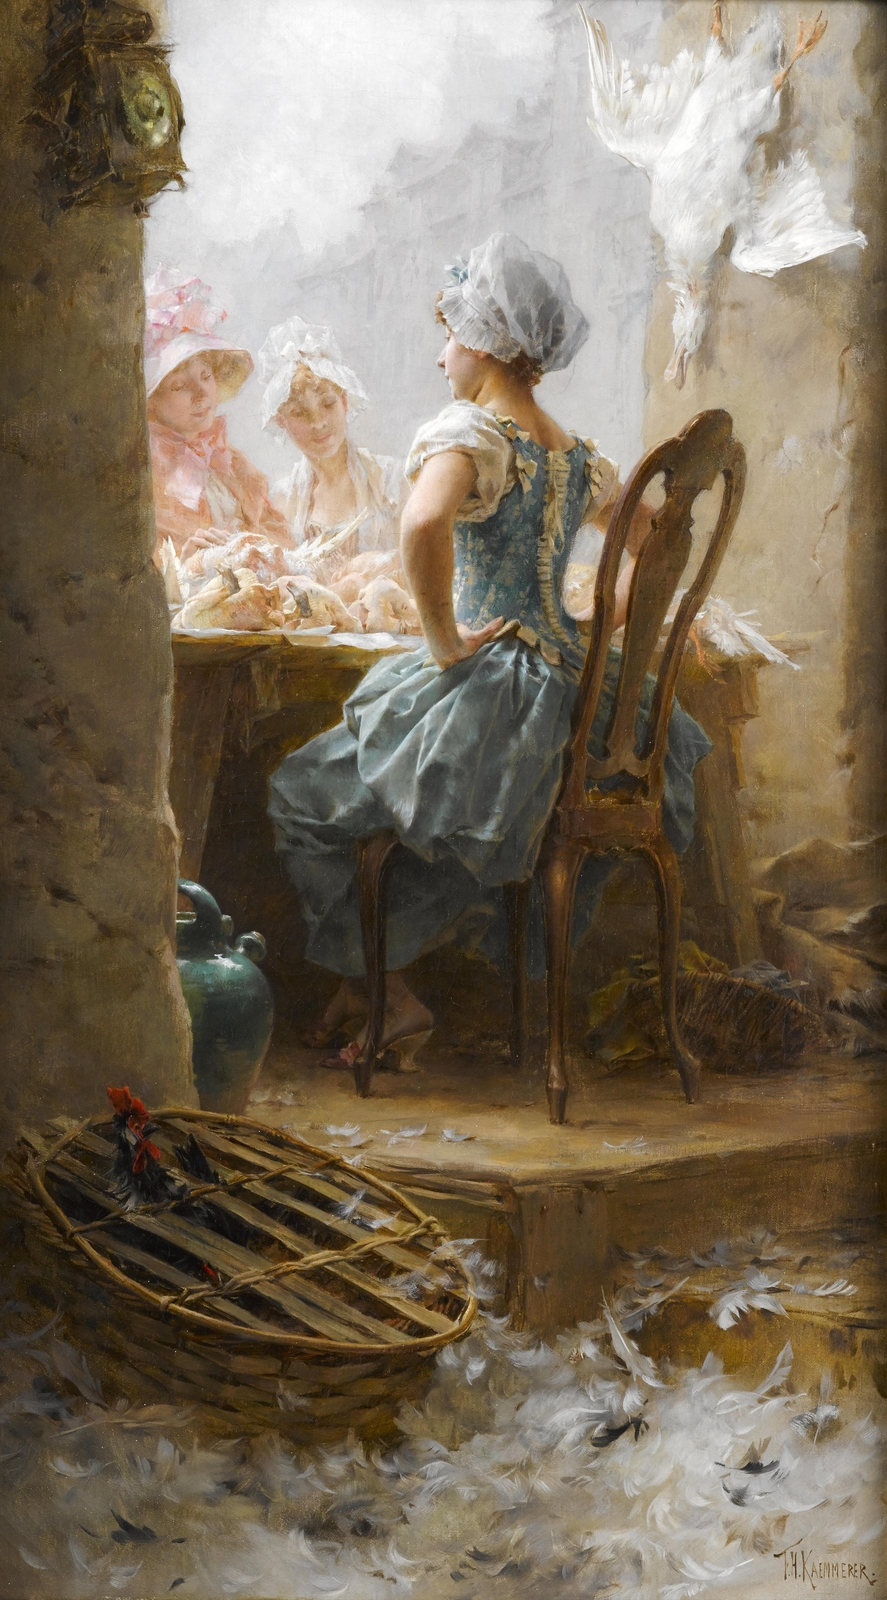 Frederik Hendrik Kaemmerer (Dutch, 1839-1902) - At the market.jpg